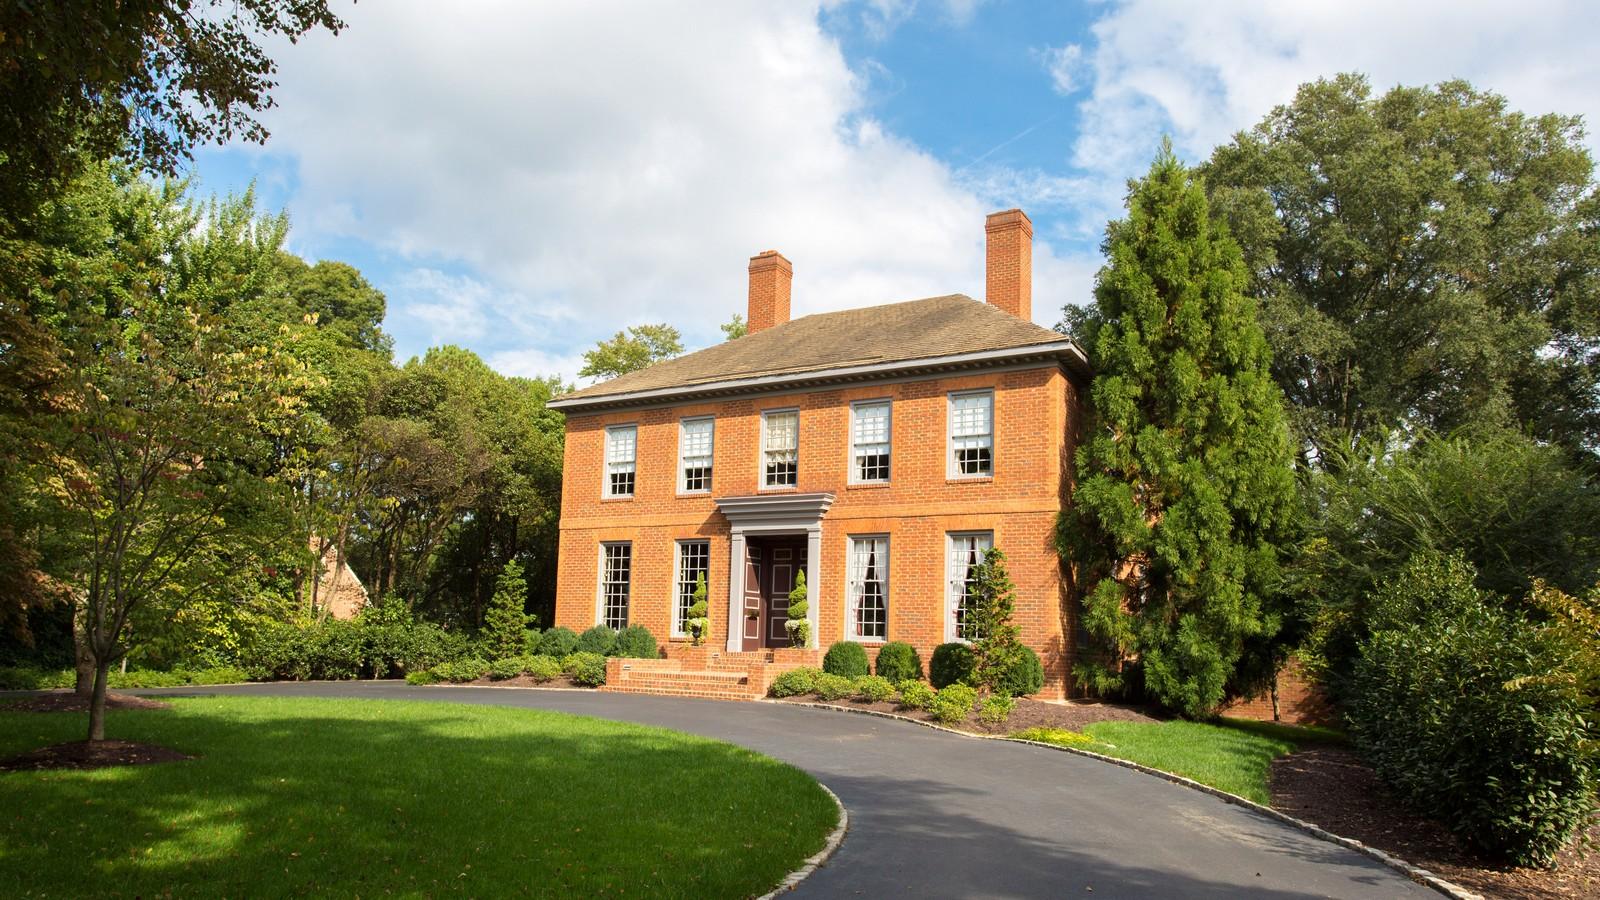 独户住宅 为 销售 在 209 Nottingham Road, Richmond 209 Nottingham Rd 里士满, 弗吉尼亚州, 23221 美国